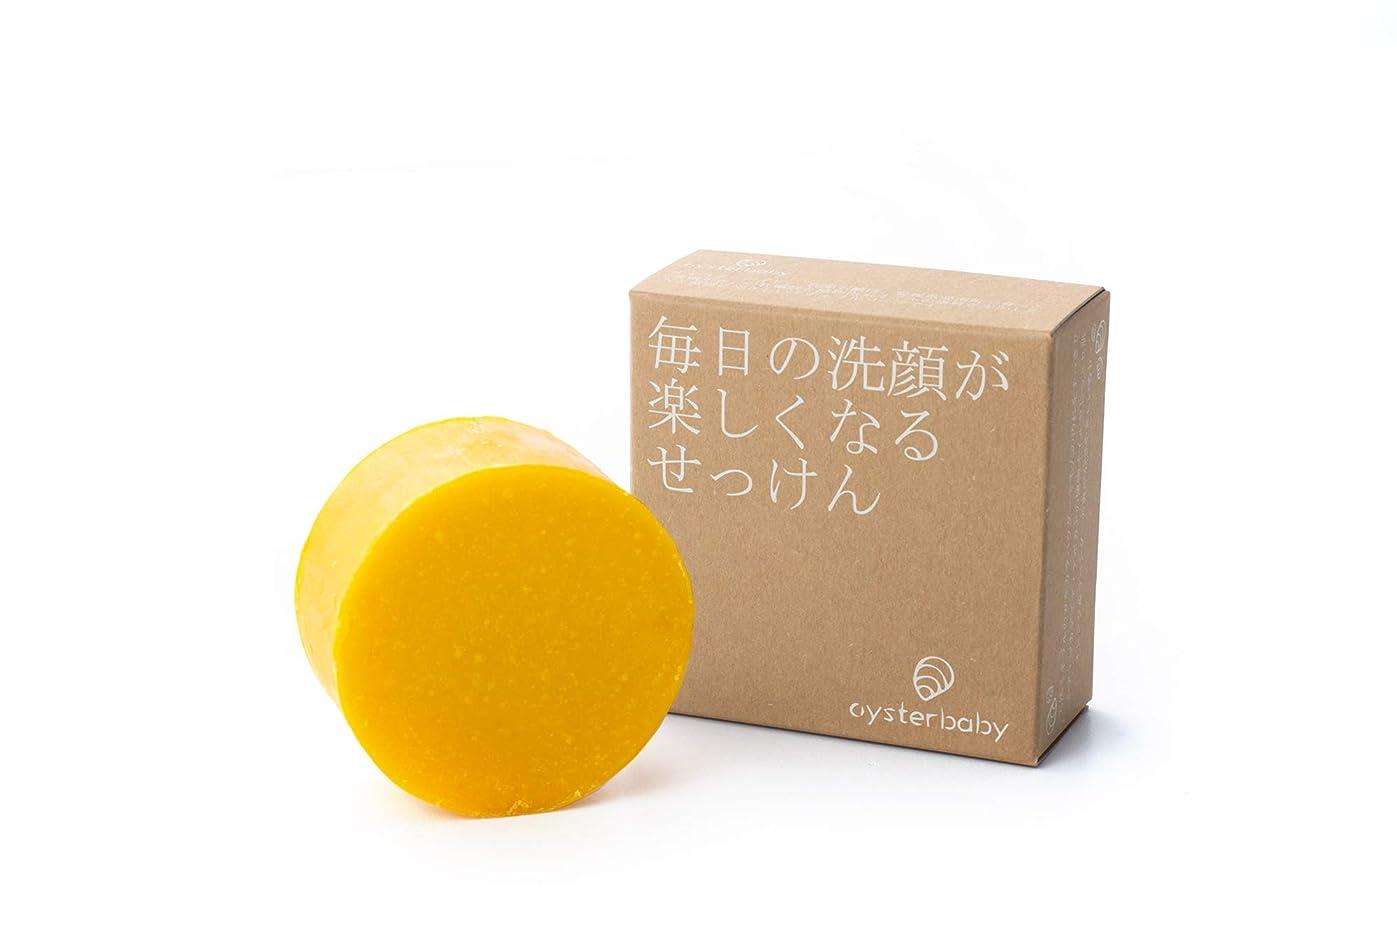 洞察力欠点猛烈なオイスターベイビー 洗顔石鹸 オレンジ&ラベンダー コールドプロセス製法 手作り石鹸 日本製